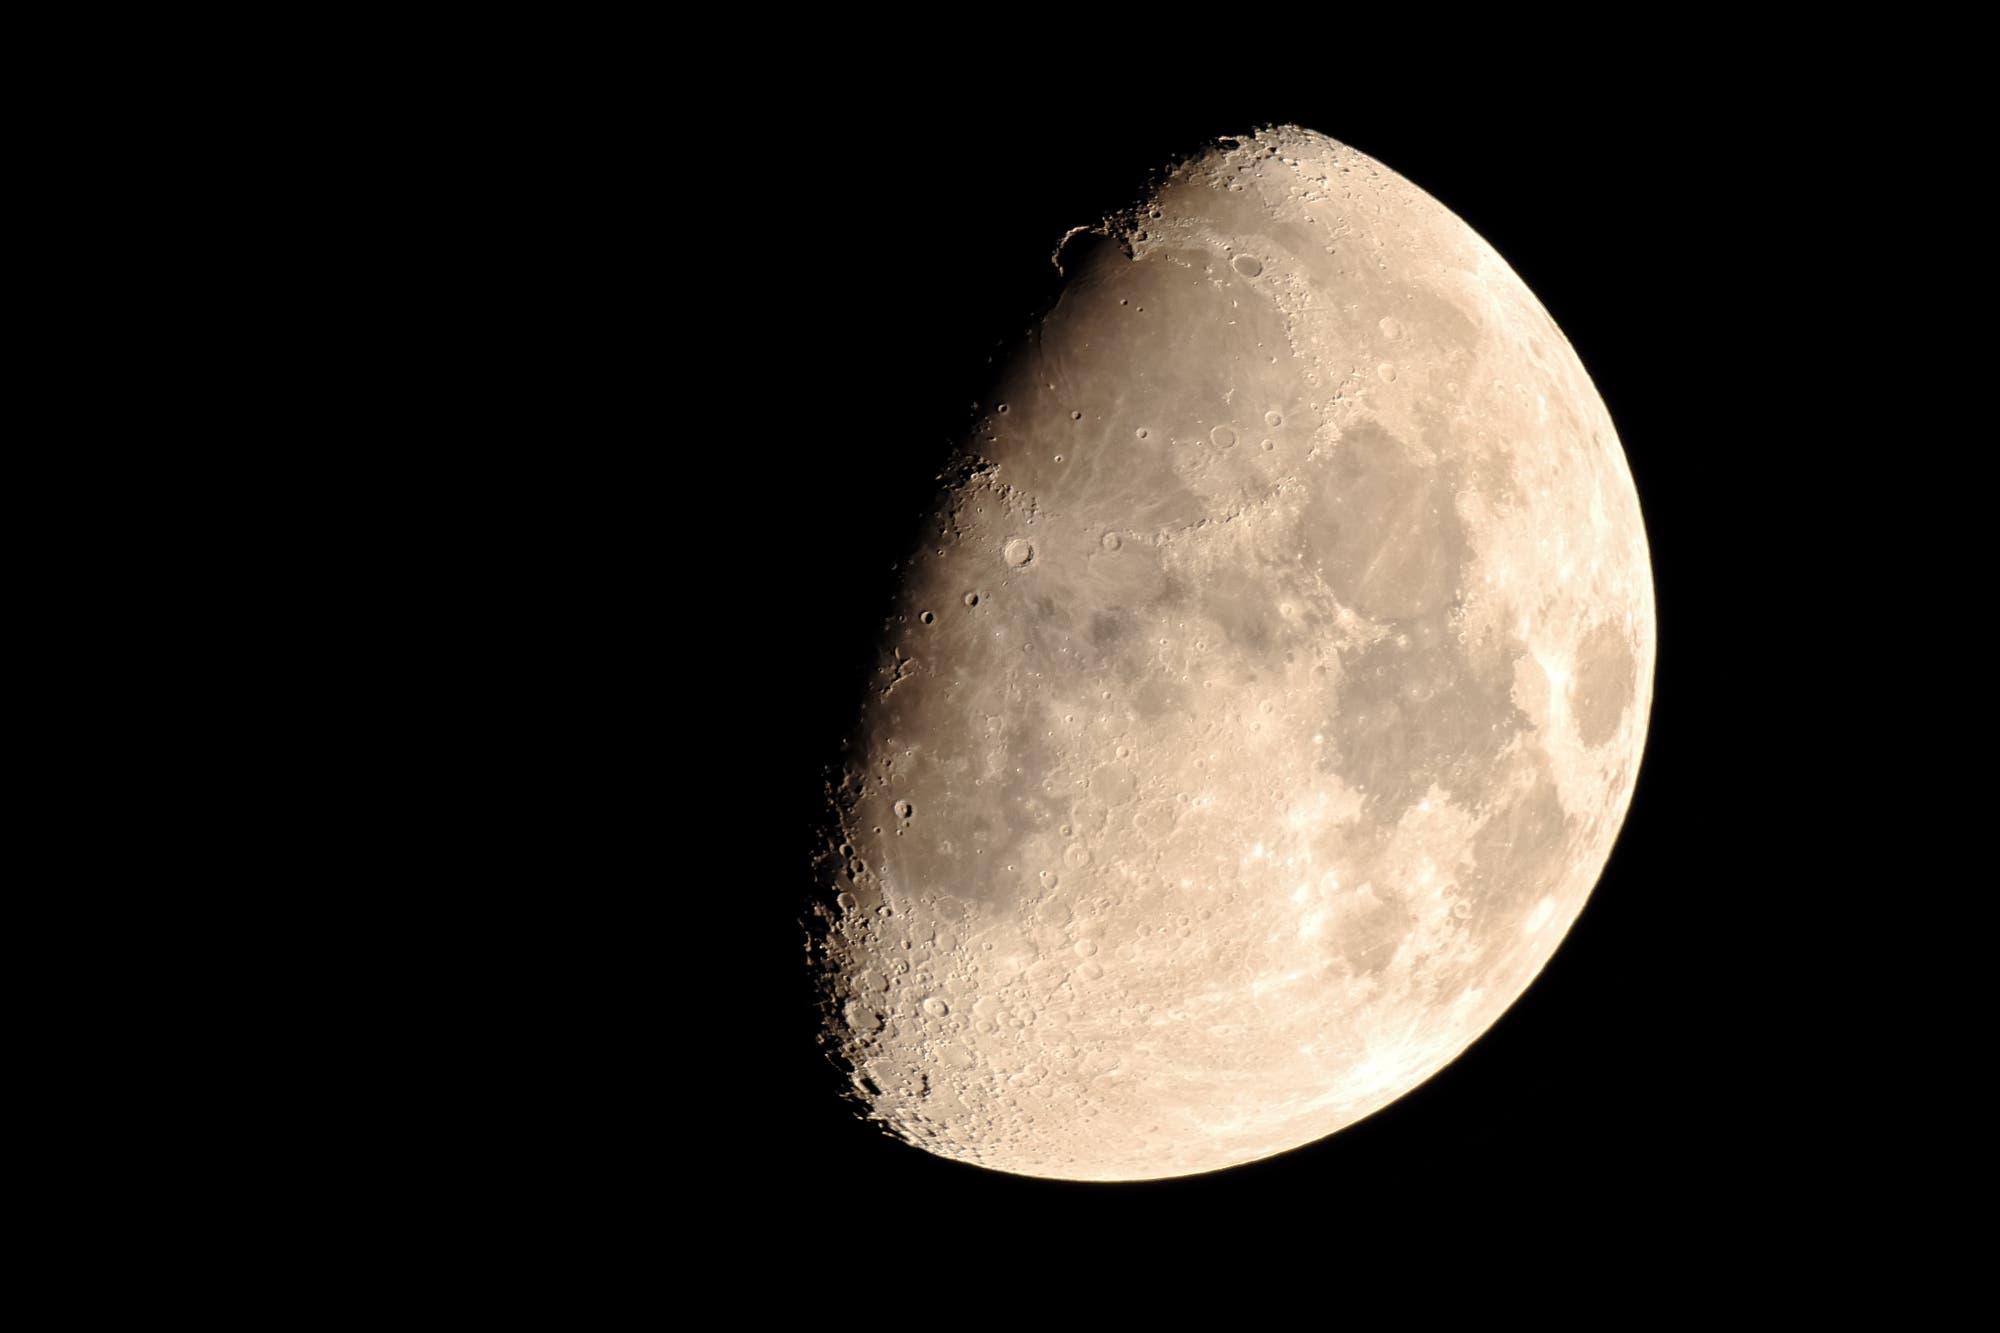 Der Goldene Henkel auf dem zunehmnden Mond